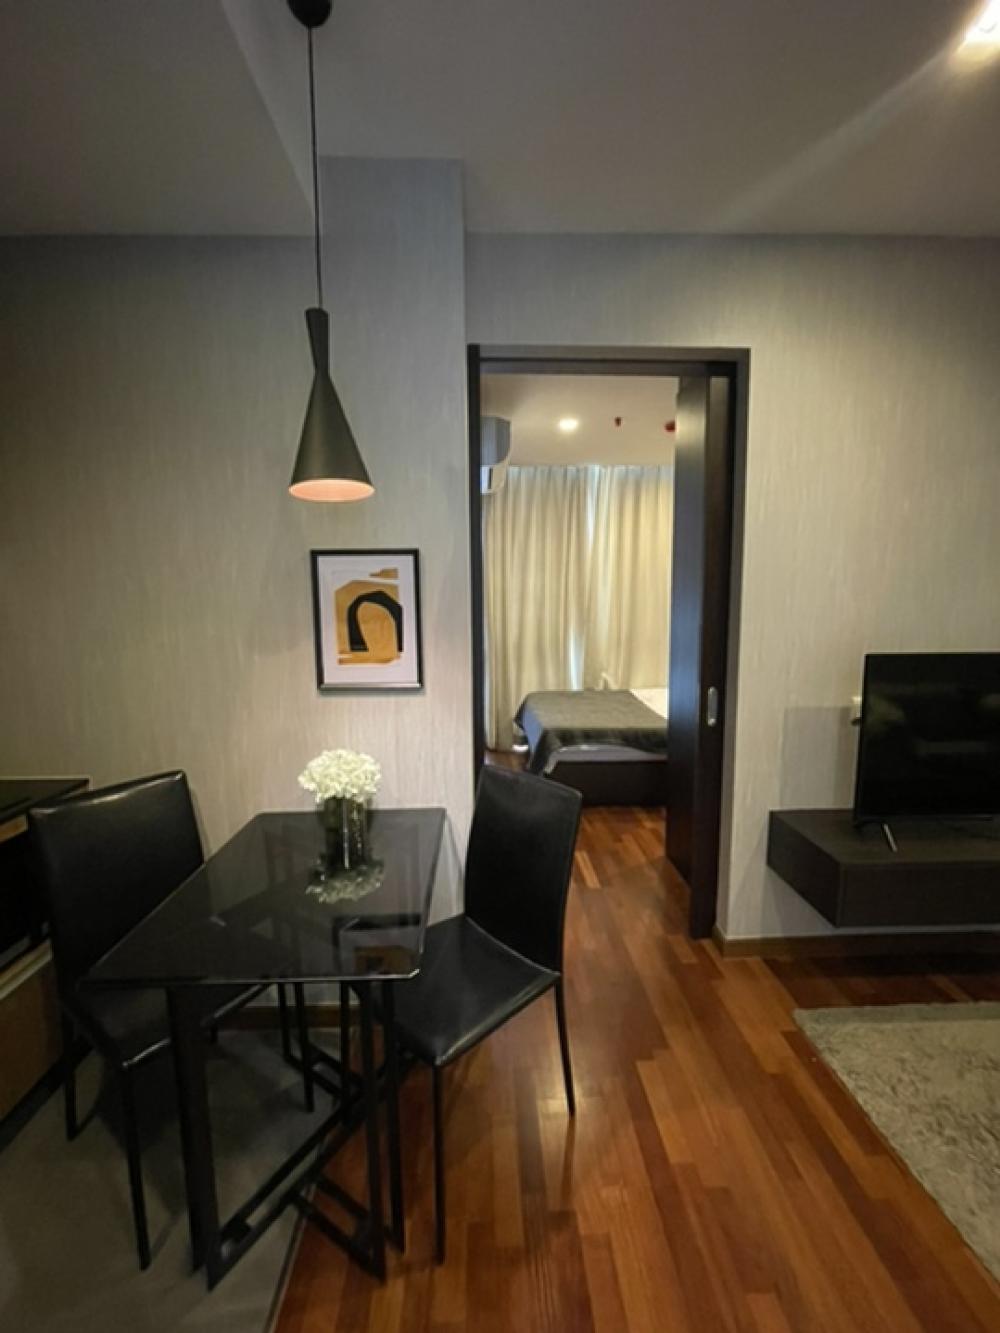 For SaleCondoRatchathewi,Phayathai : OWNER ขาย1นอน 27 ตรม ชั้น 14 มี 2 ห้อง (รับทุกAgentทำการตลาด) วิวใบหยกไม่บล๊อก แต่งสวย